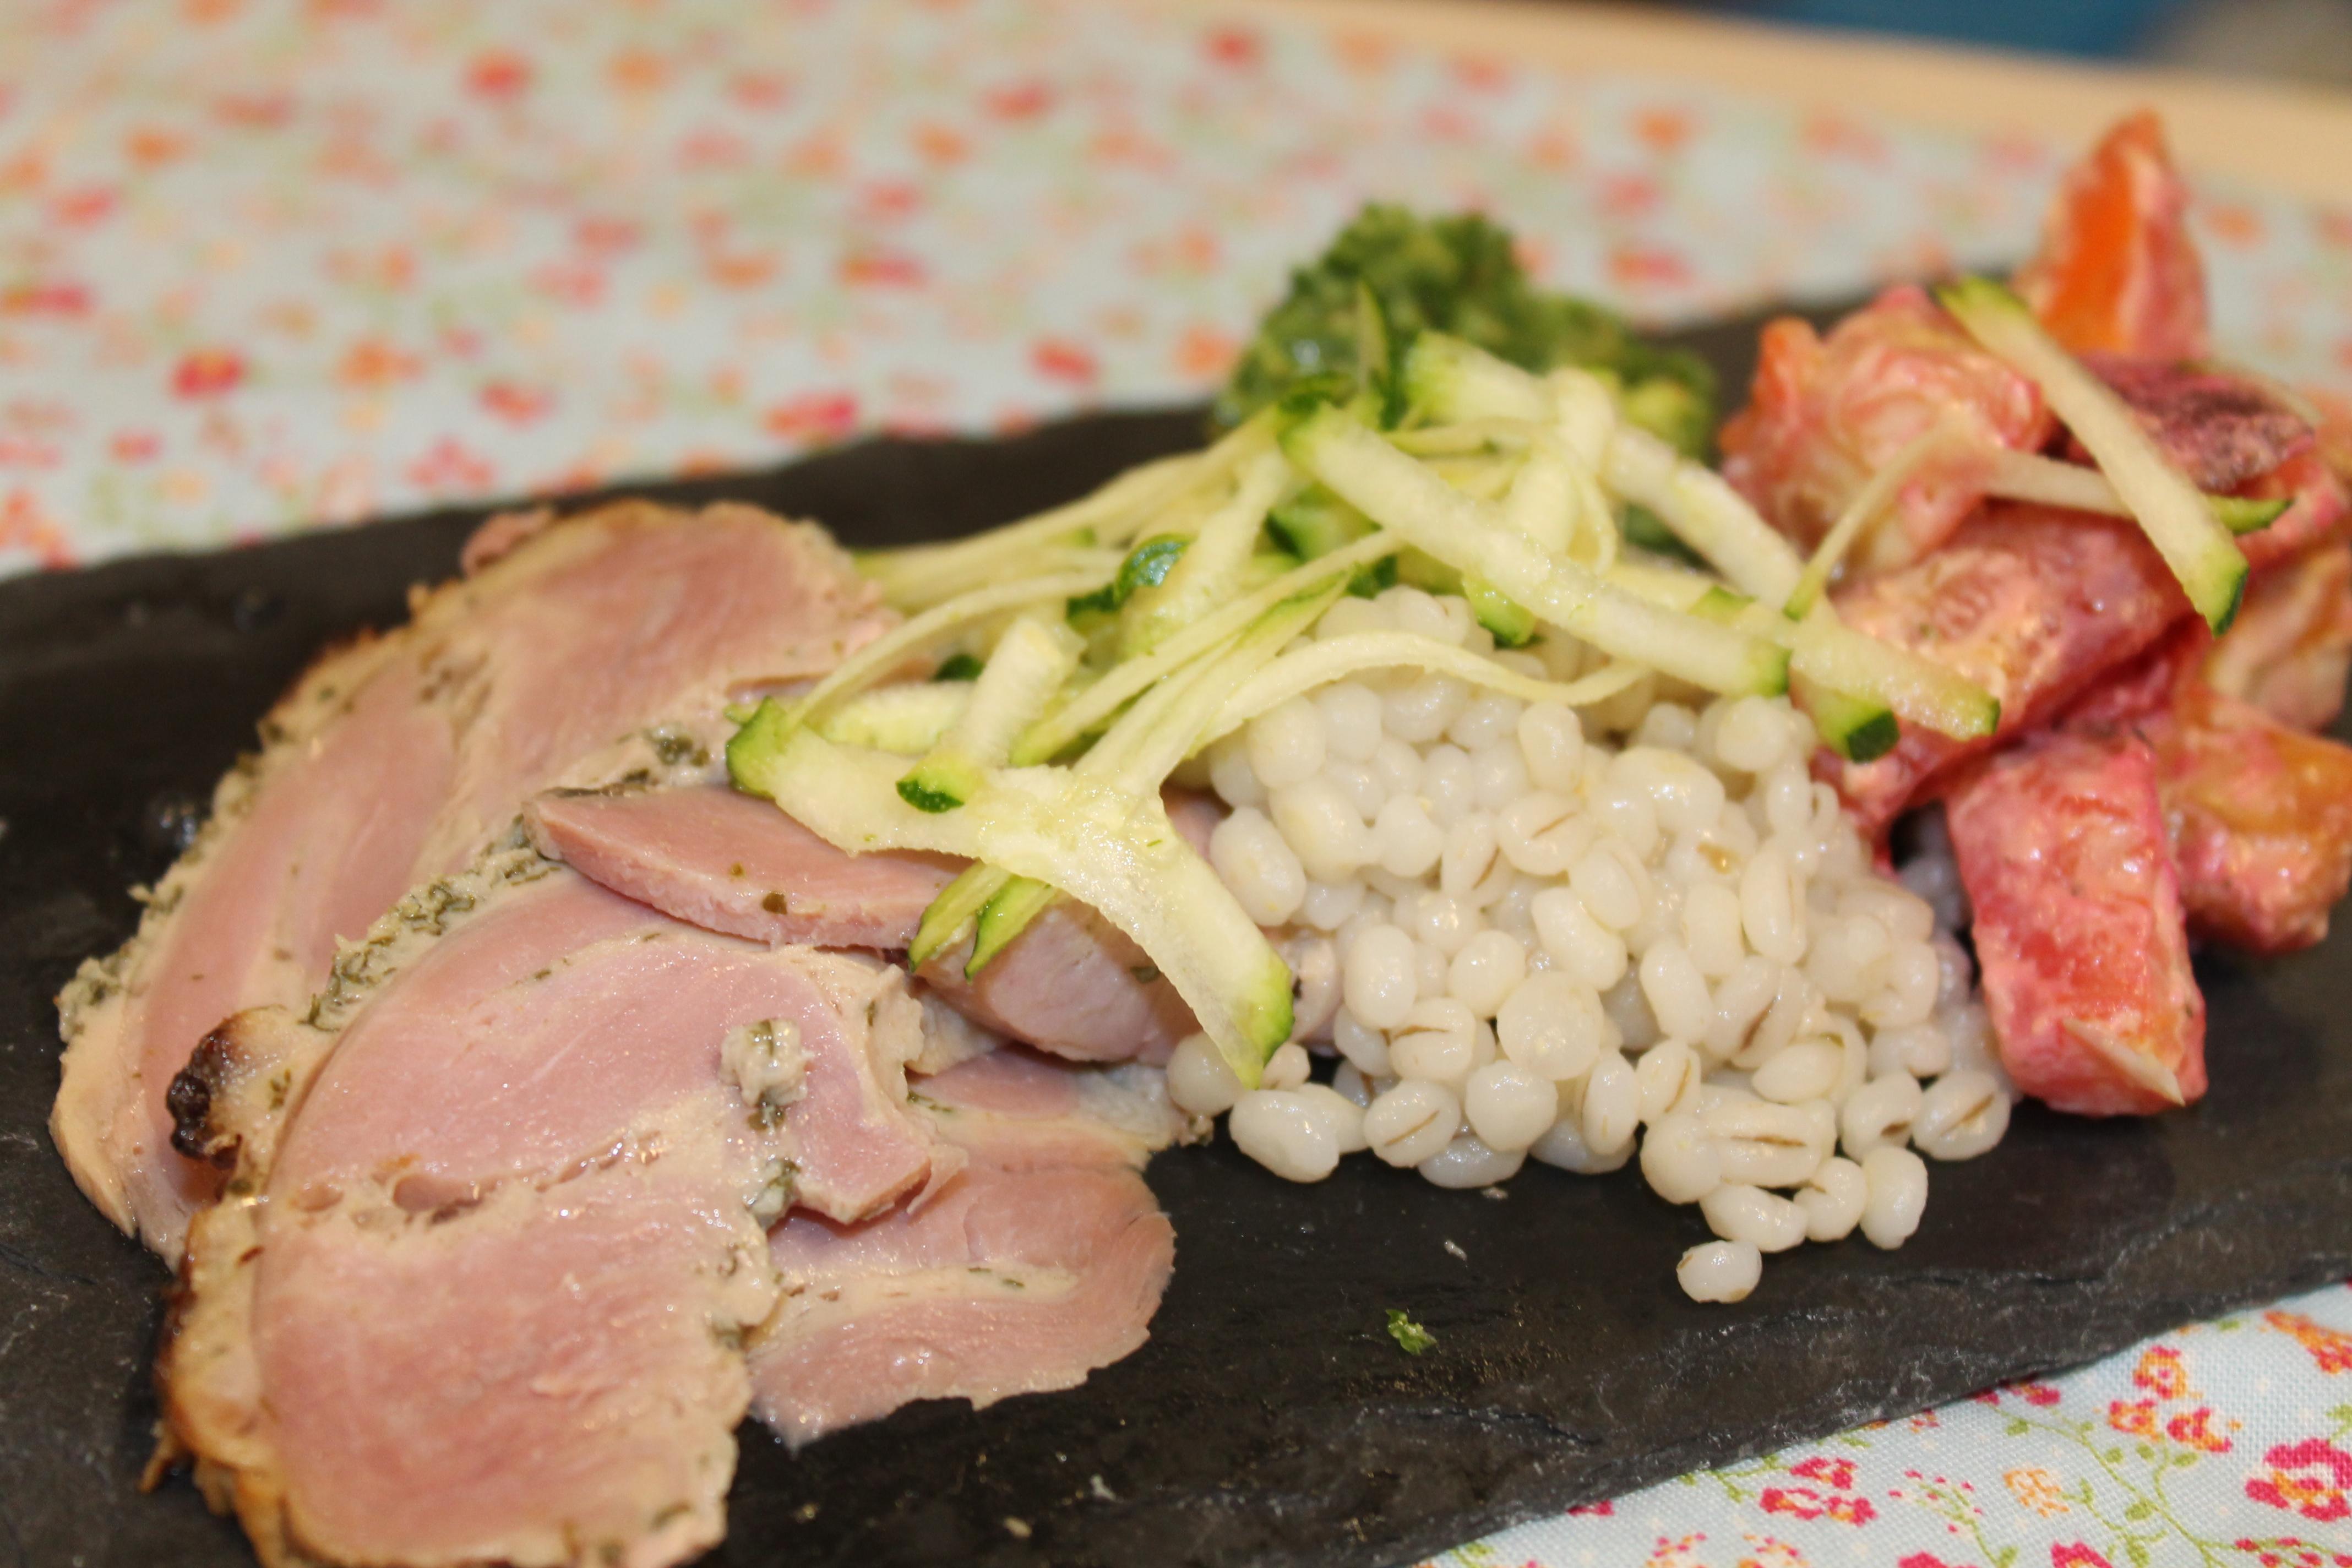 Kalkun rullesteg med kogte perlespelt, pesto samt ovnbagte rodfrugter